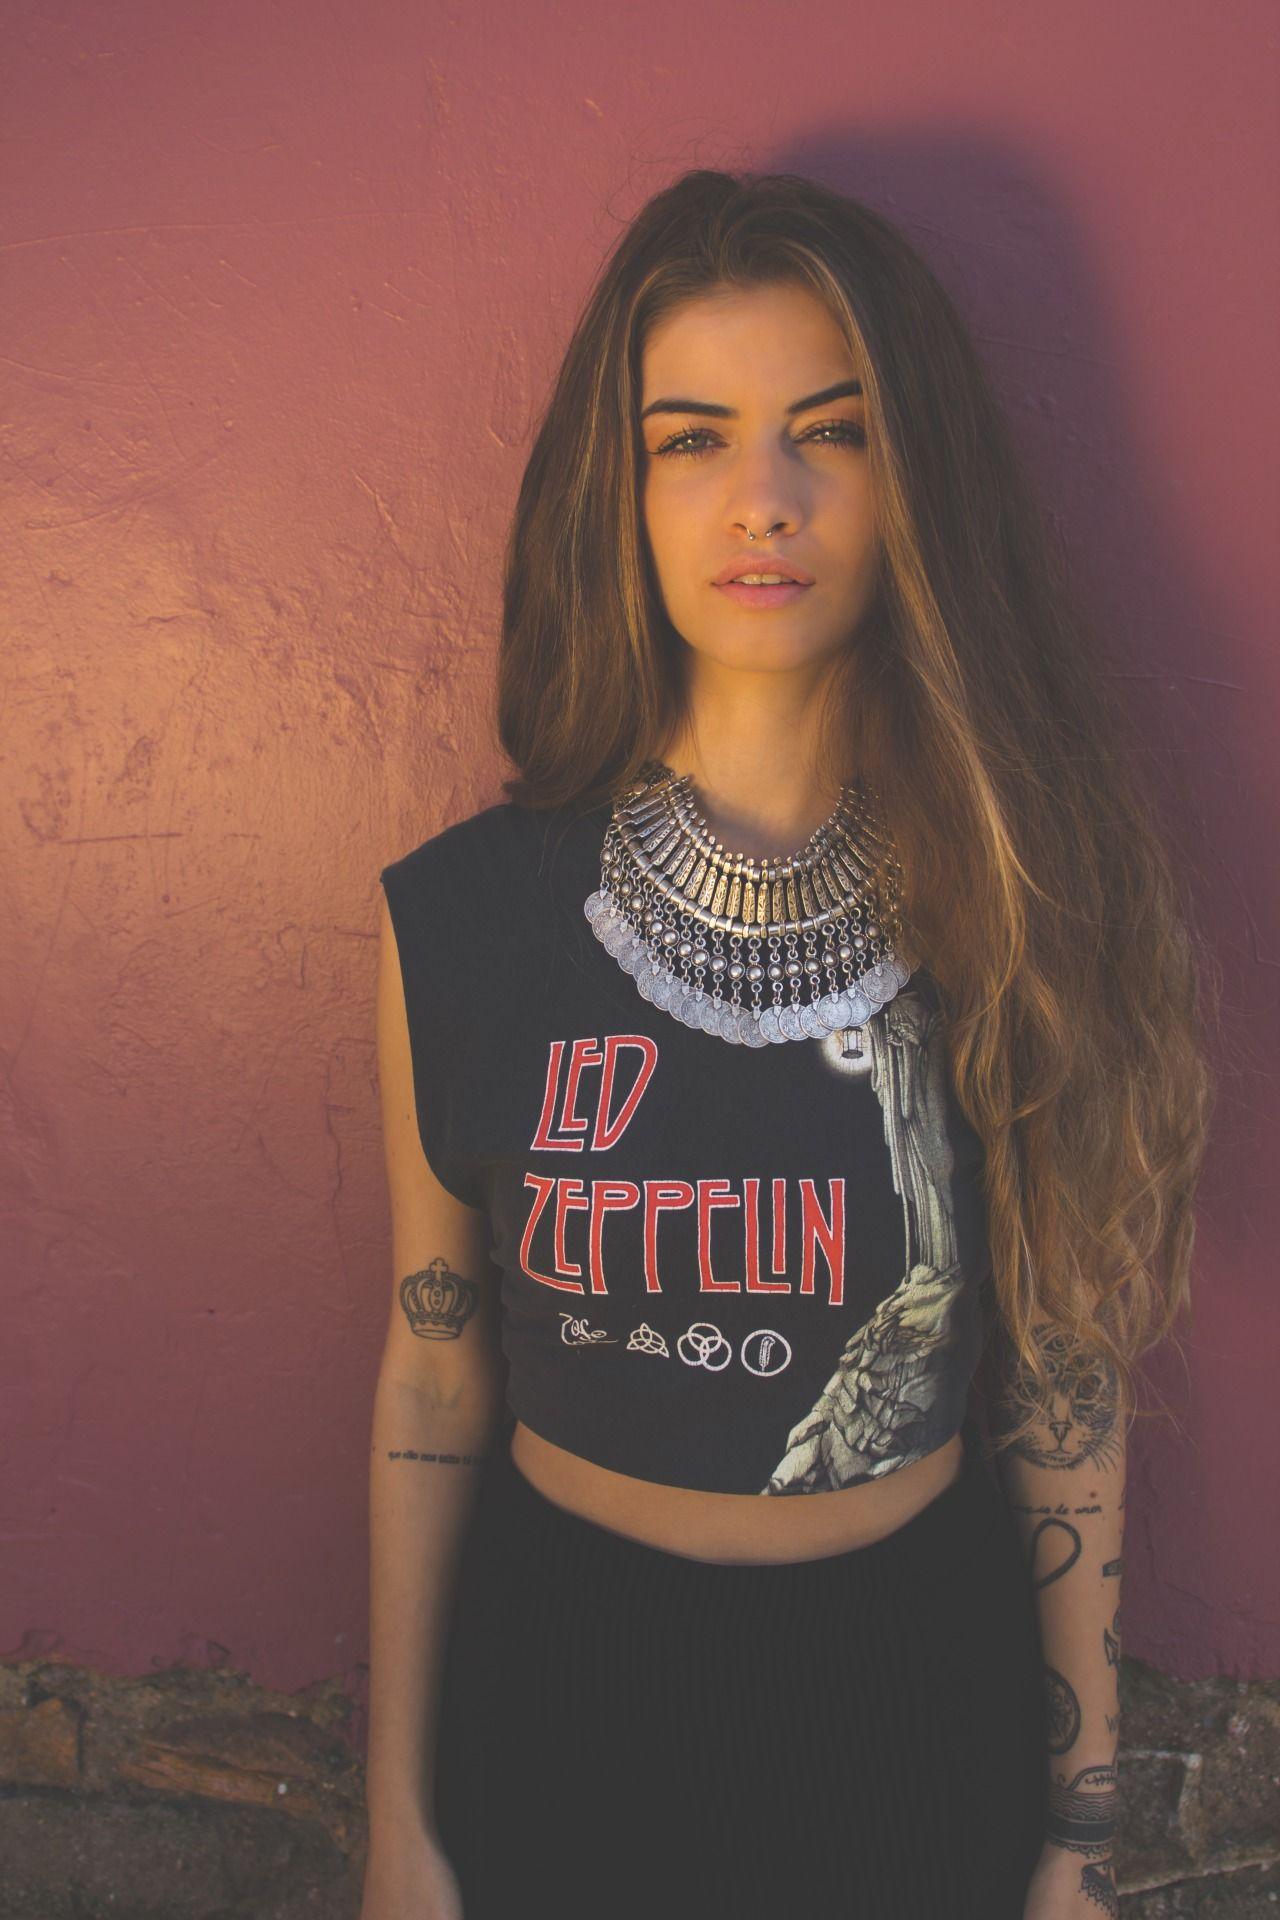 b4355bec4cfab Led Zeppelin girl